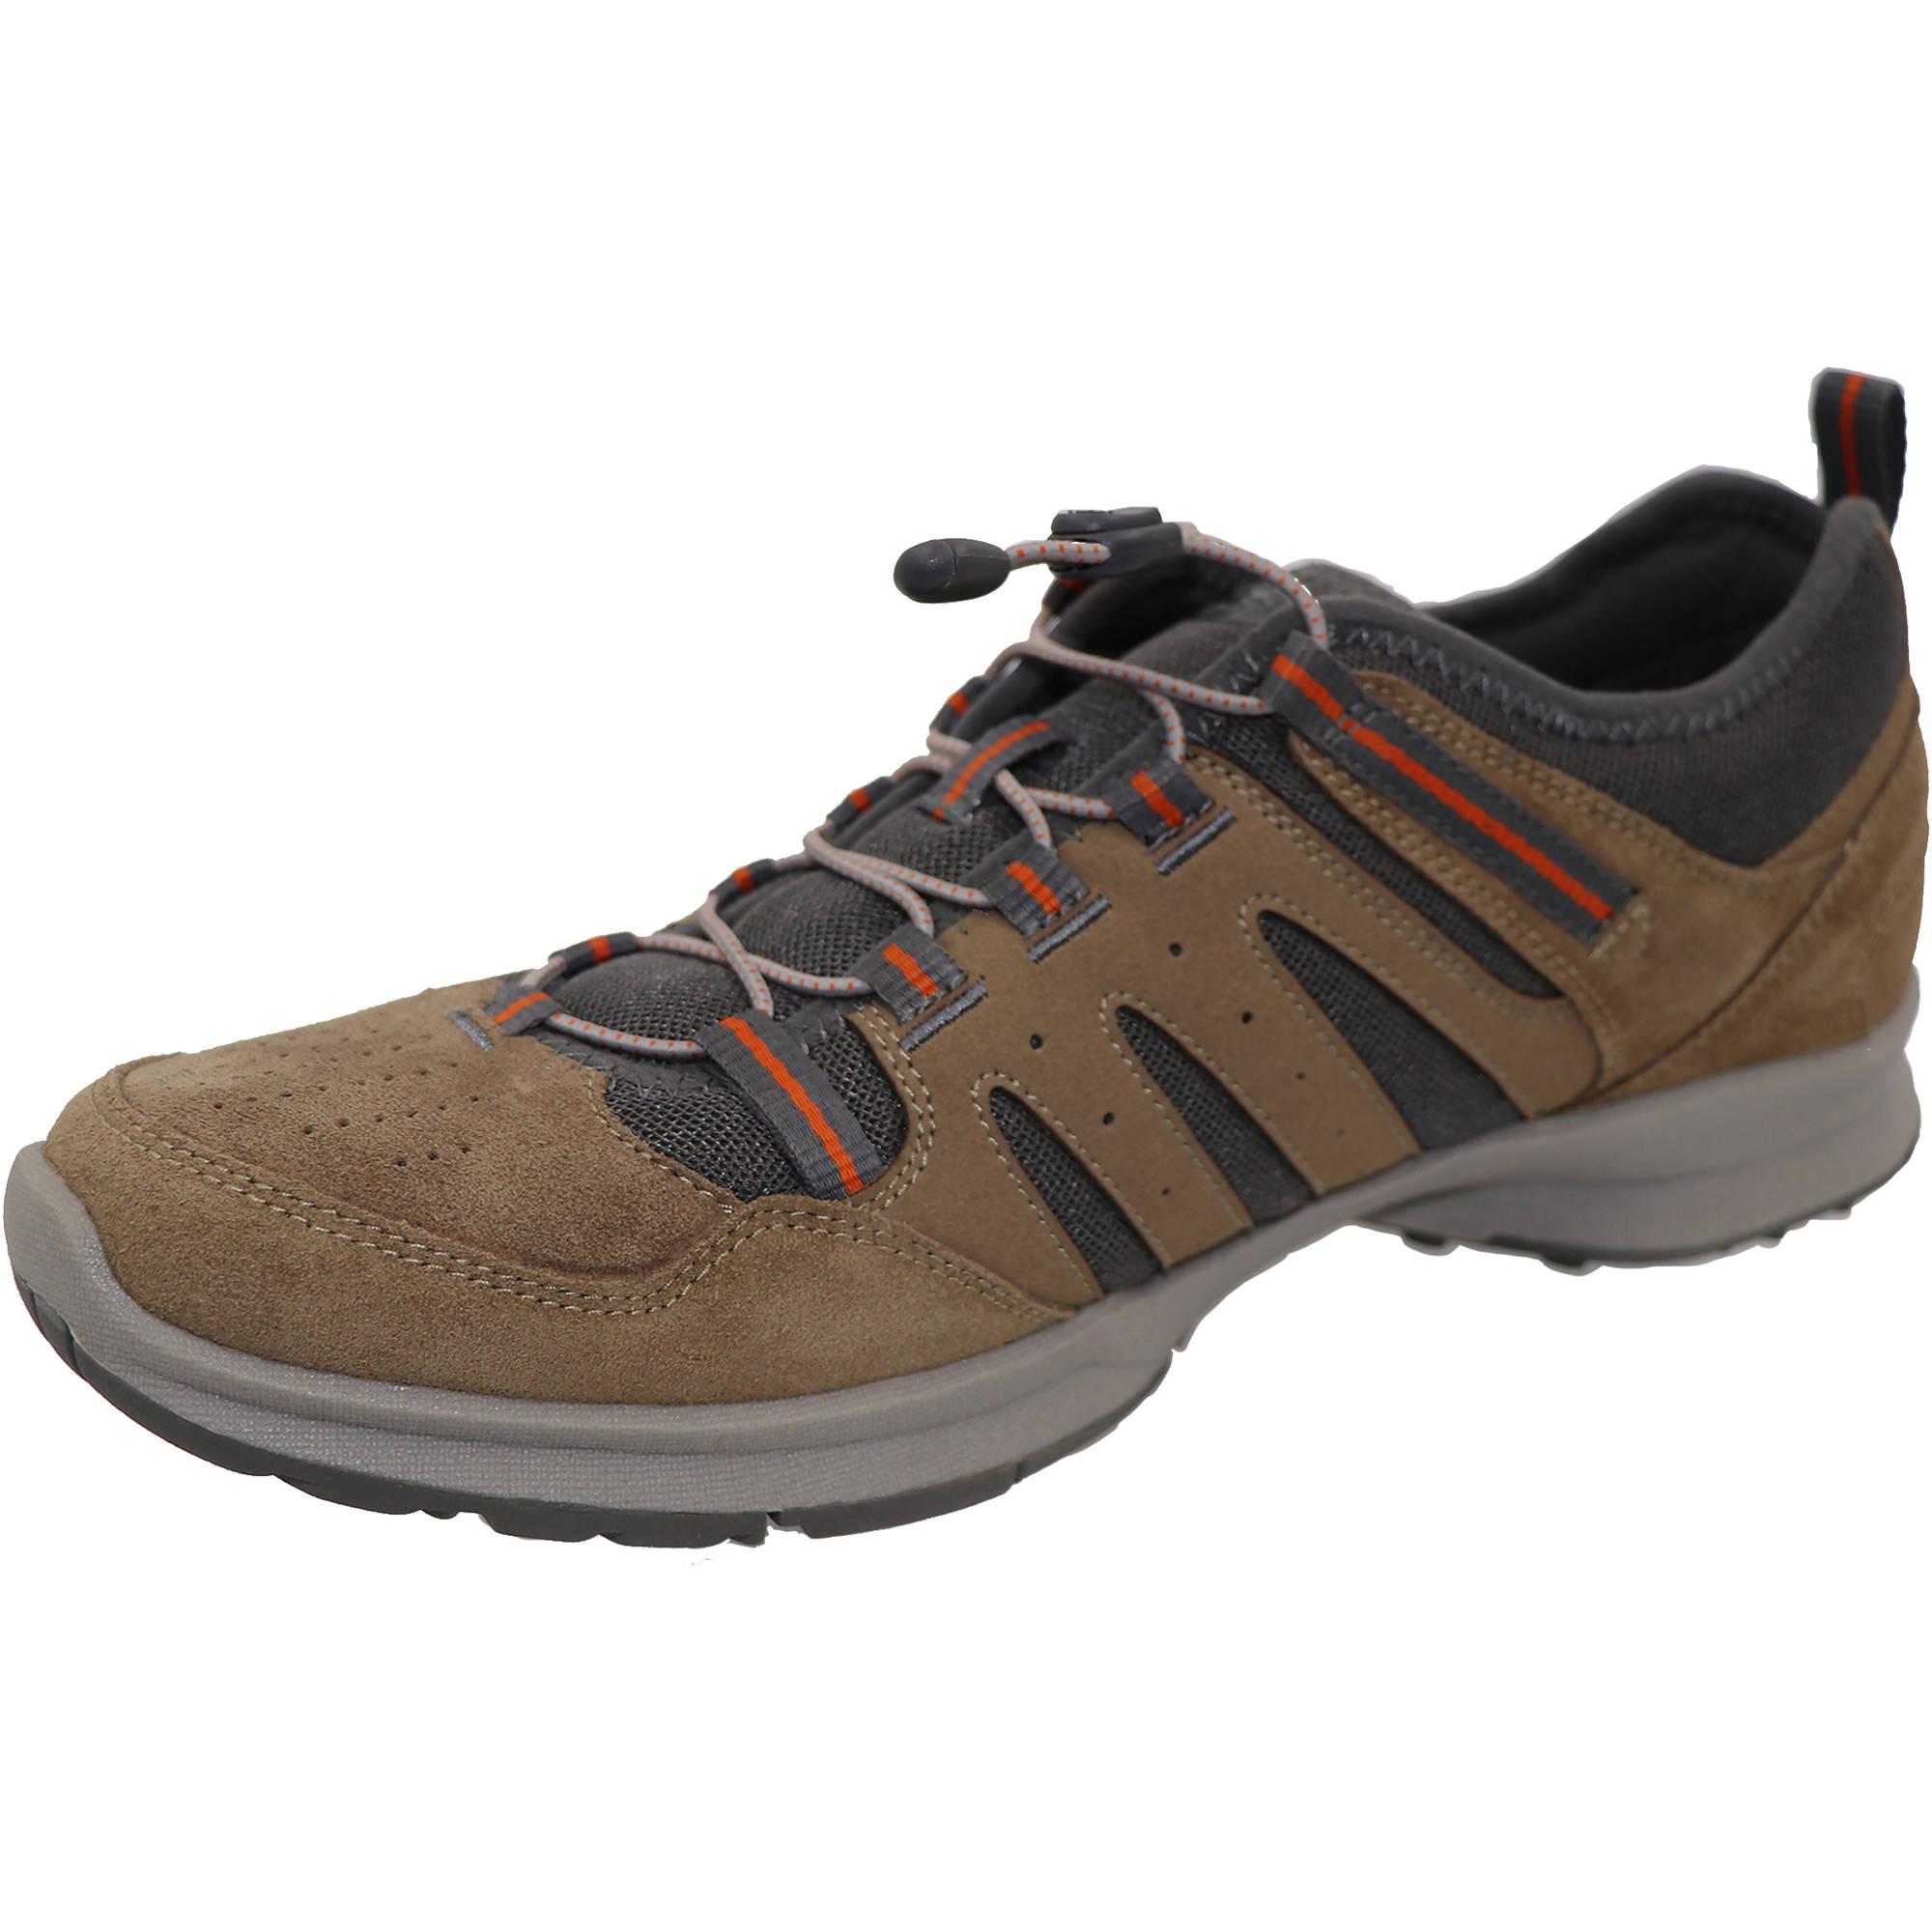 Dr Scholls Trail Bungee Sneaker Shoe